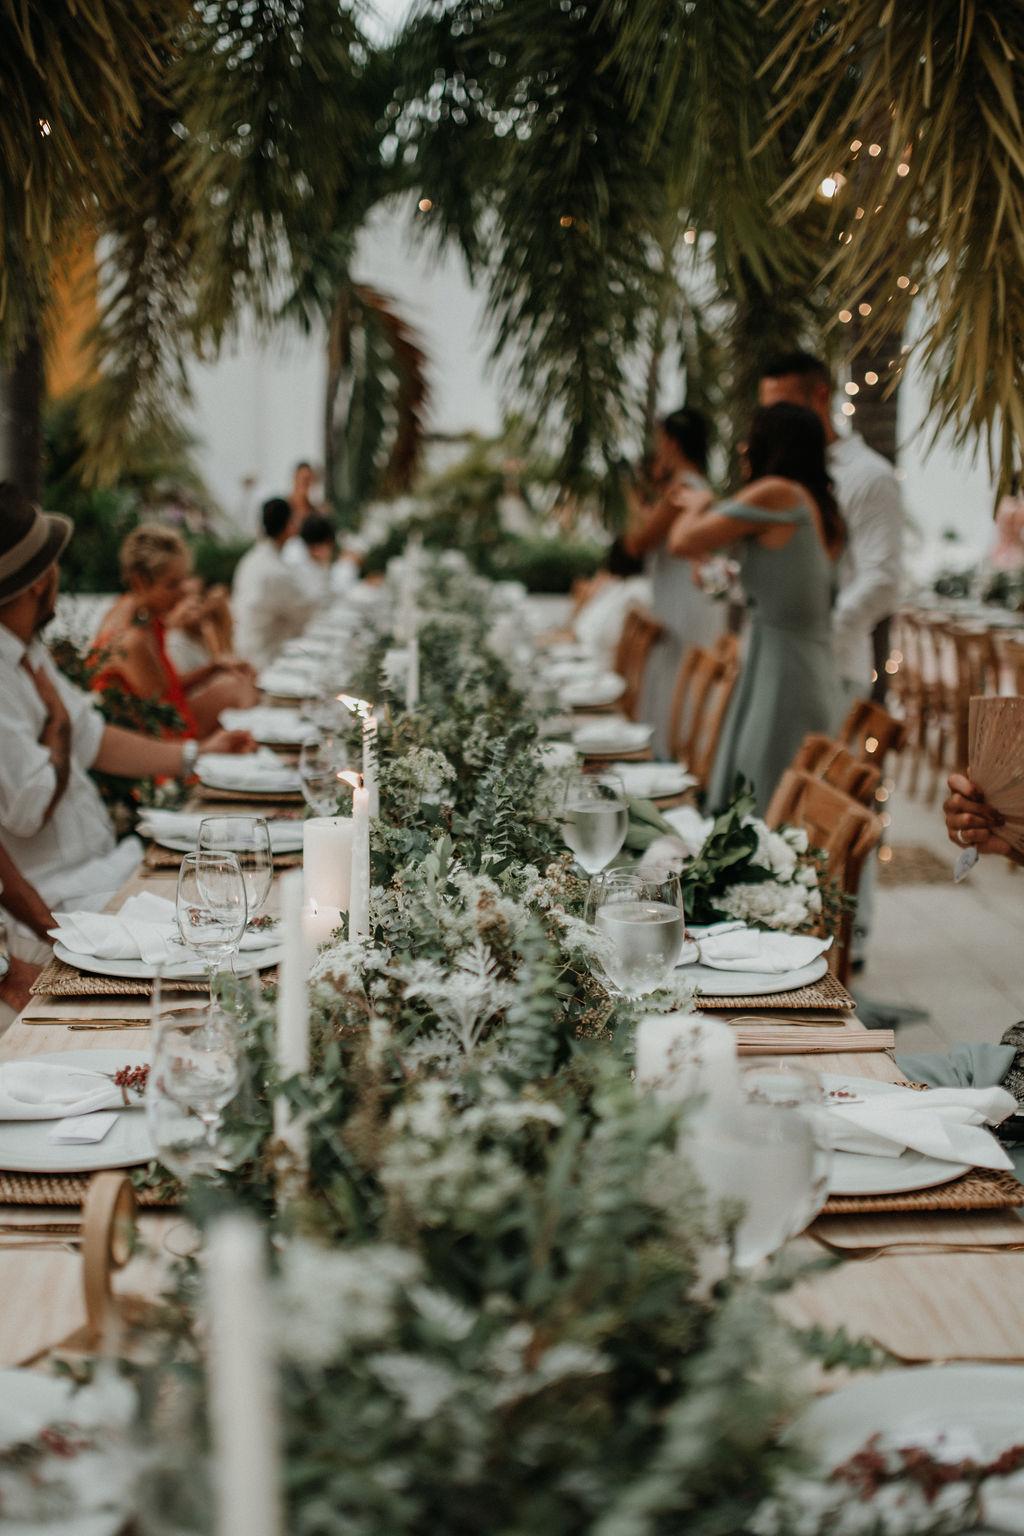 julie-bravo-wedding-planner-centerpiece-centrodemesa-destination-wedding-tropical-wedding-matrimonio.jpg